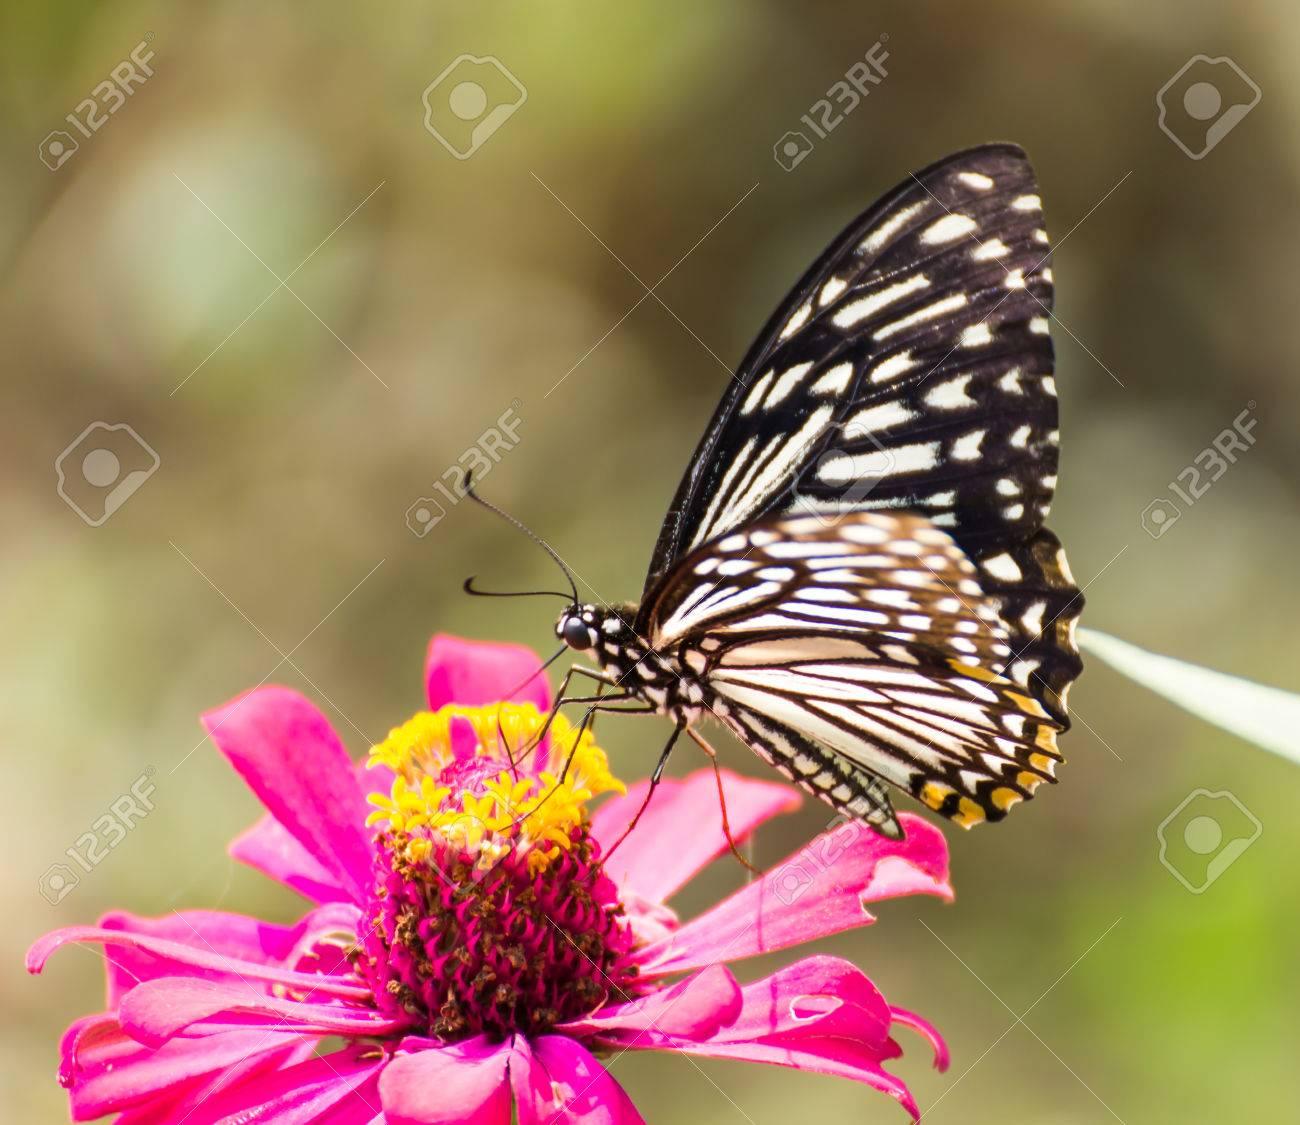 53a5b68080b9d Banque d'images - Papillon sur de belles plantes à fleurs roses pour  Papillon dans garden.Nature